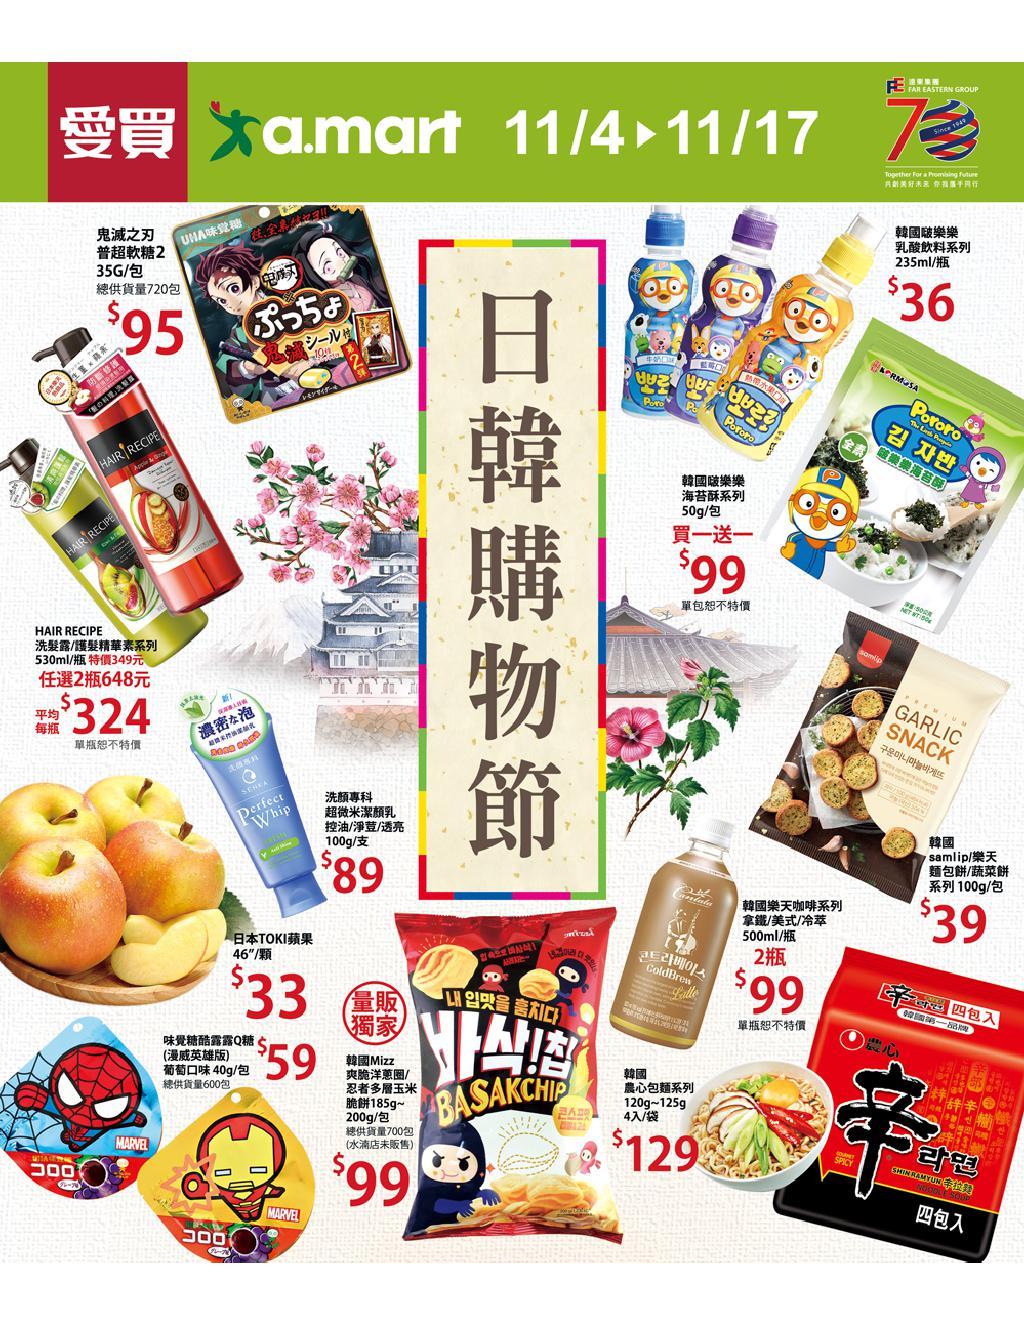 🛒愛買 DM 》🛍日韓購物節 【2020/11/17 止】促銷目錄、優惠內容